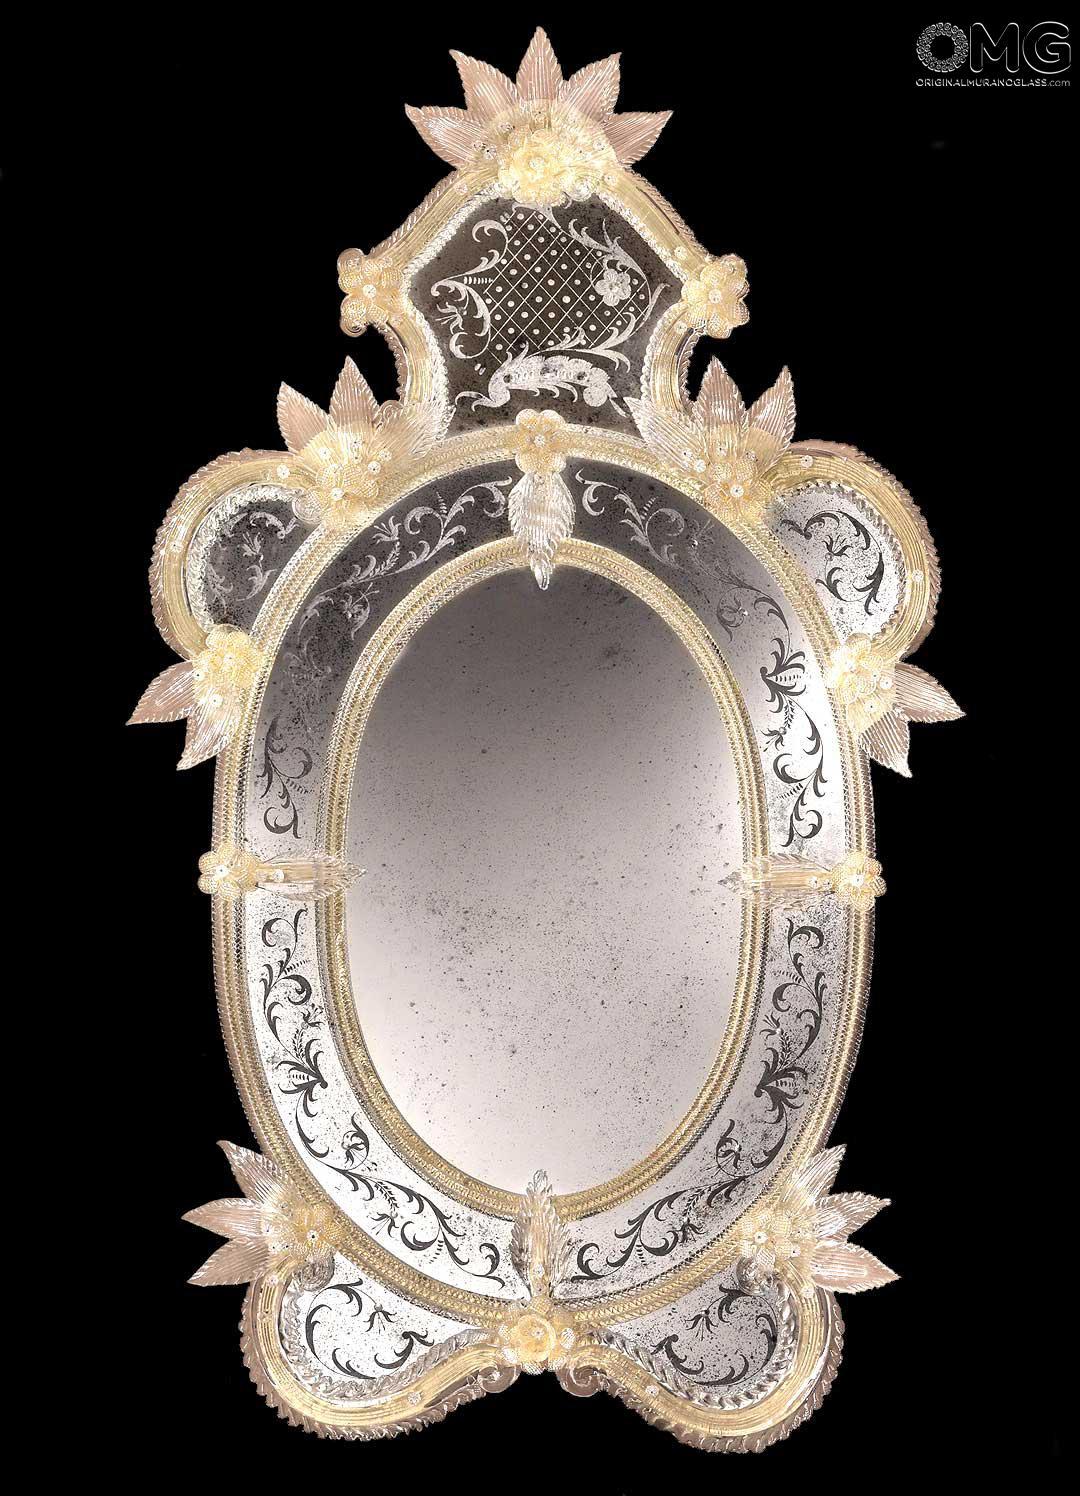 Ziani - Specchio Veneziano